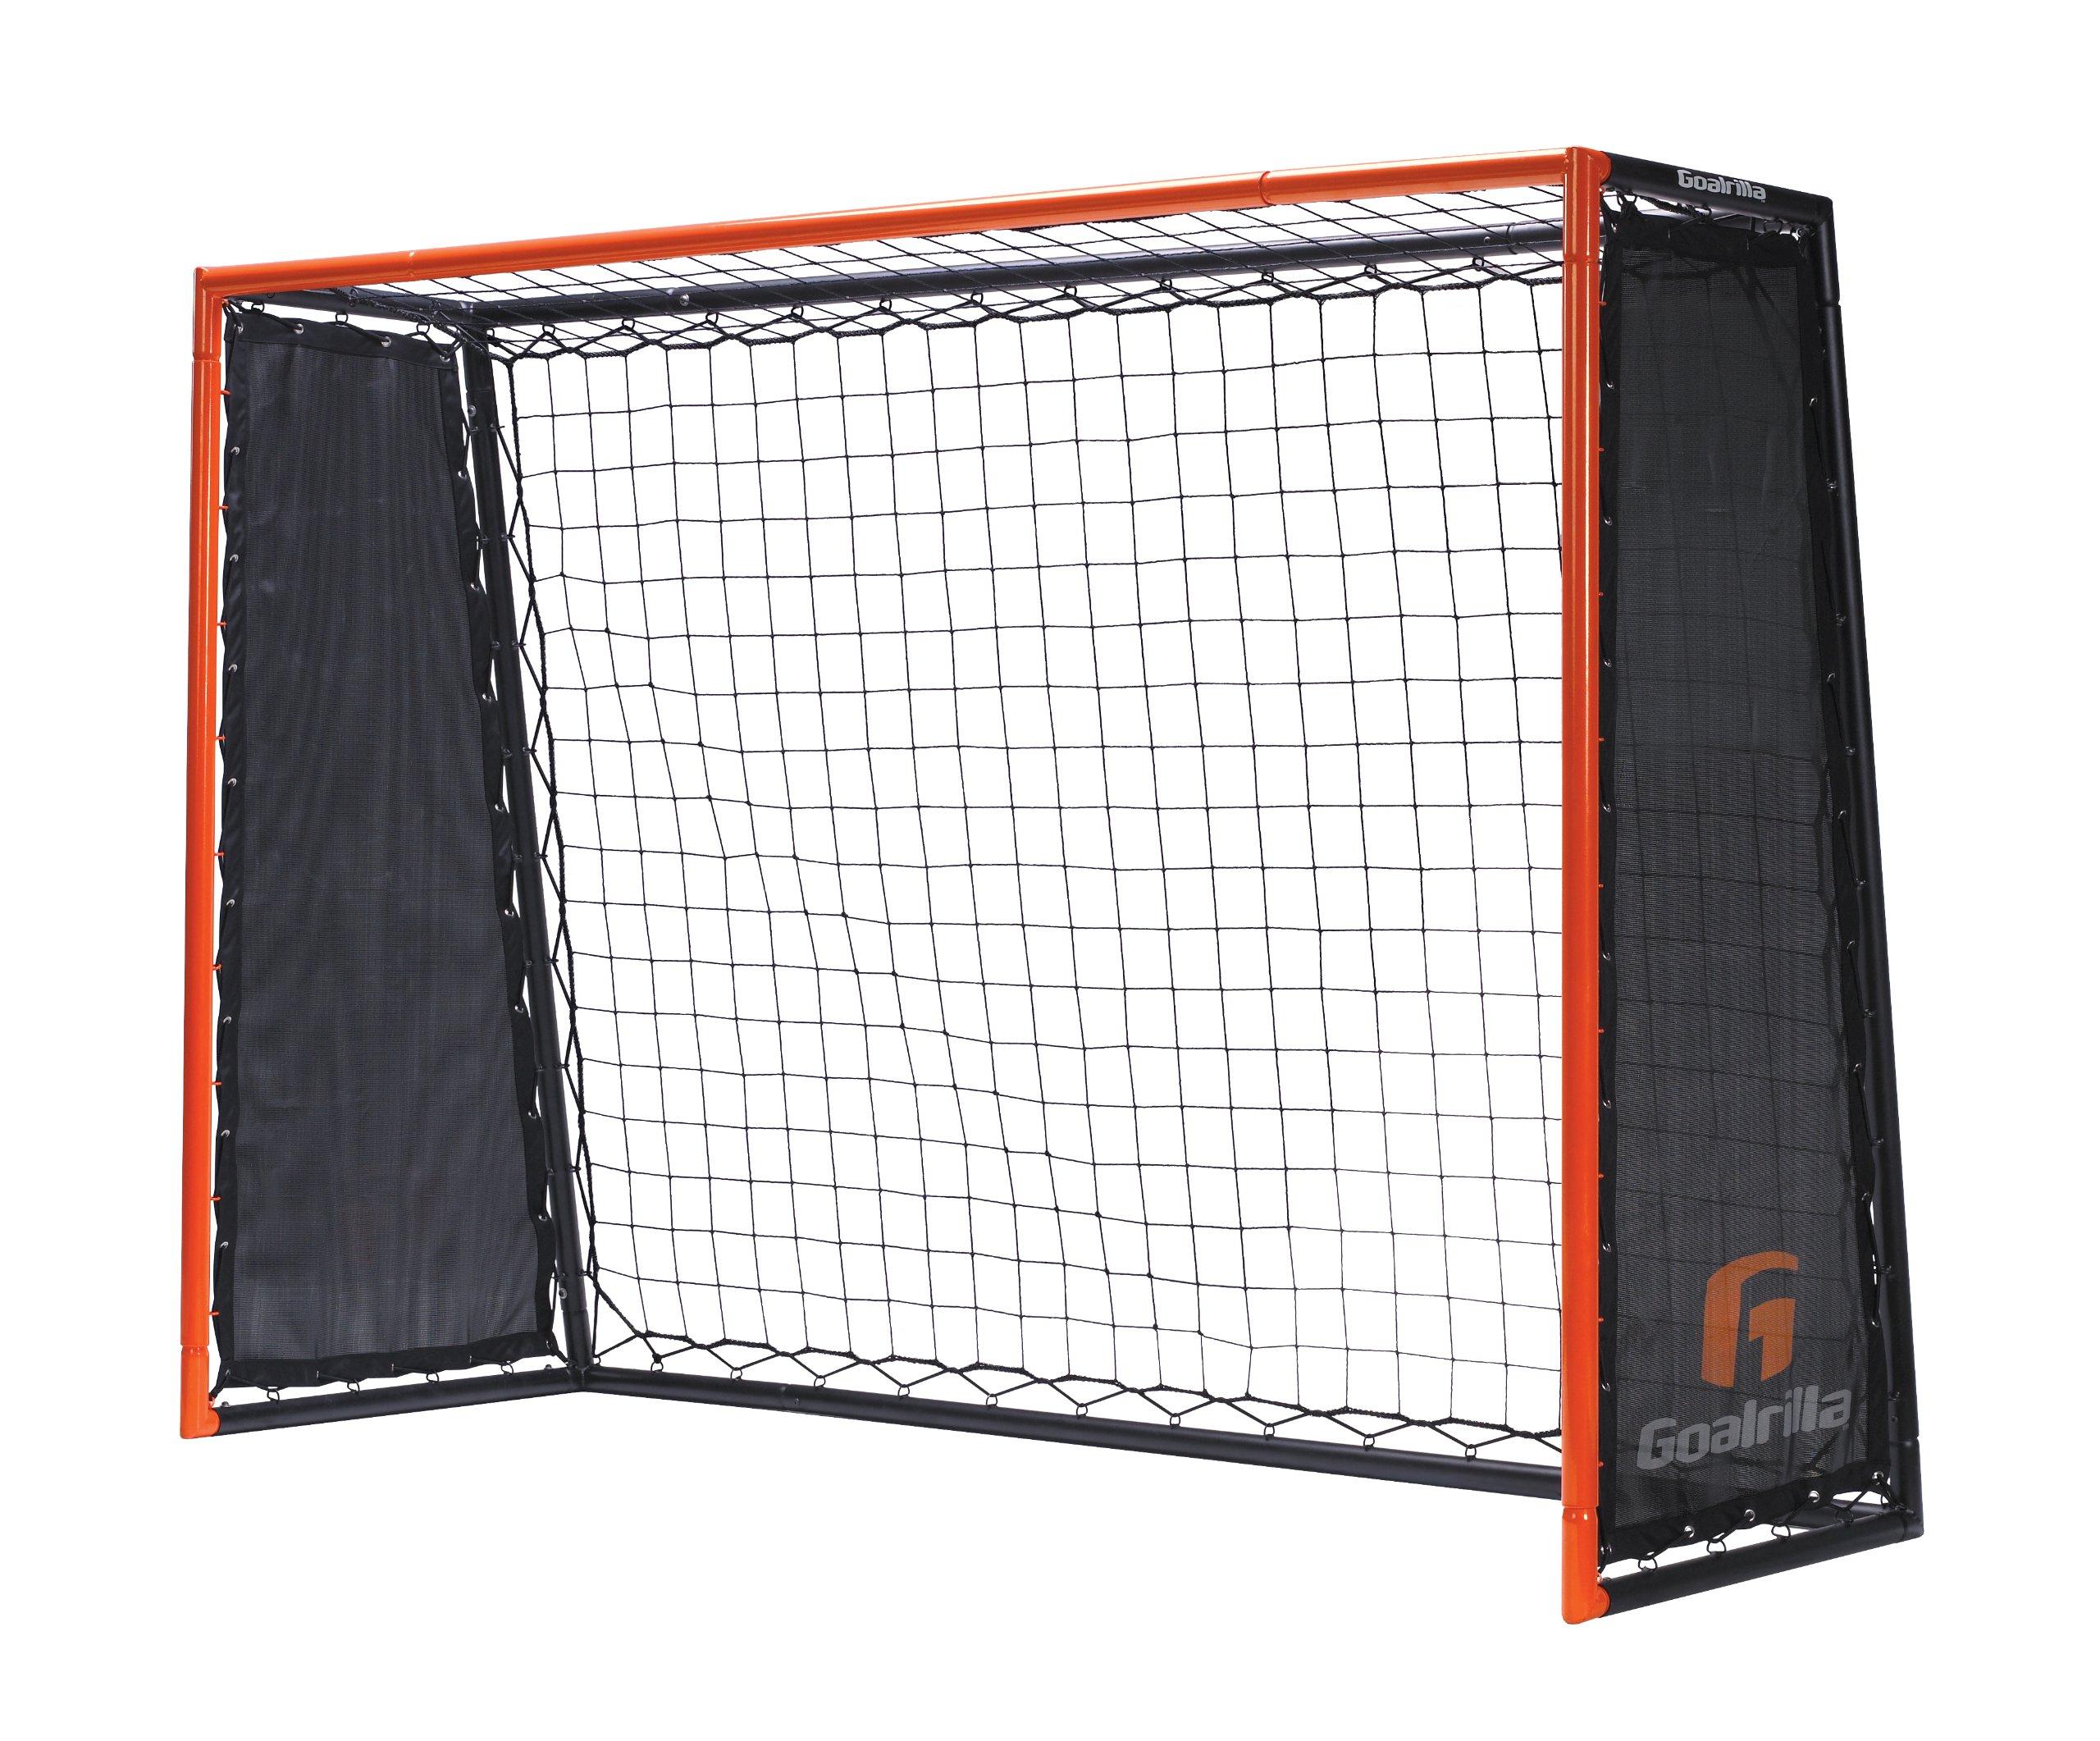 Goalrilla Striker- Soccer Rebound Trainer by Goalrilla